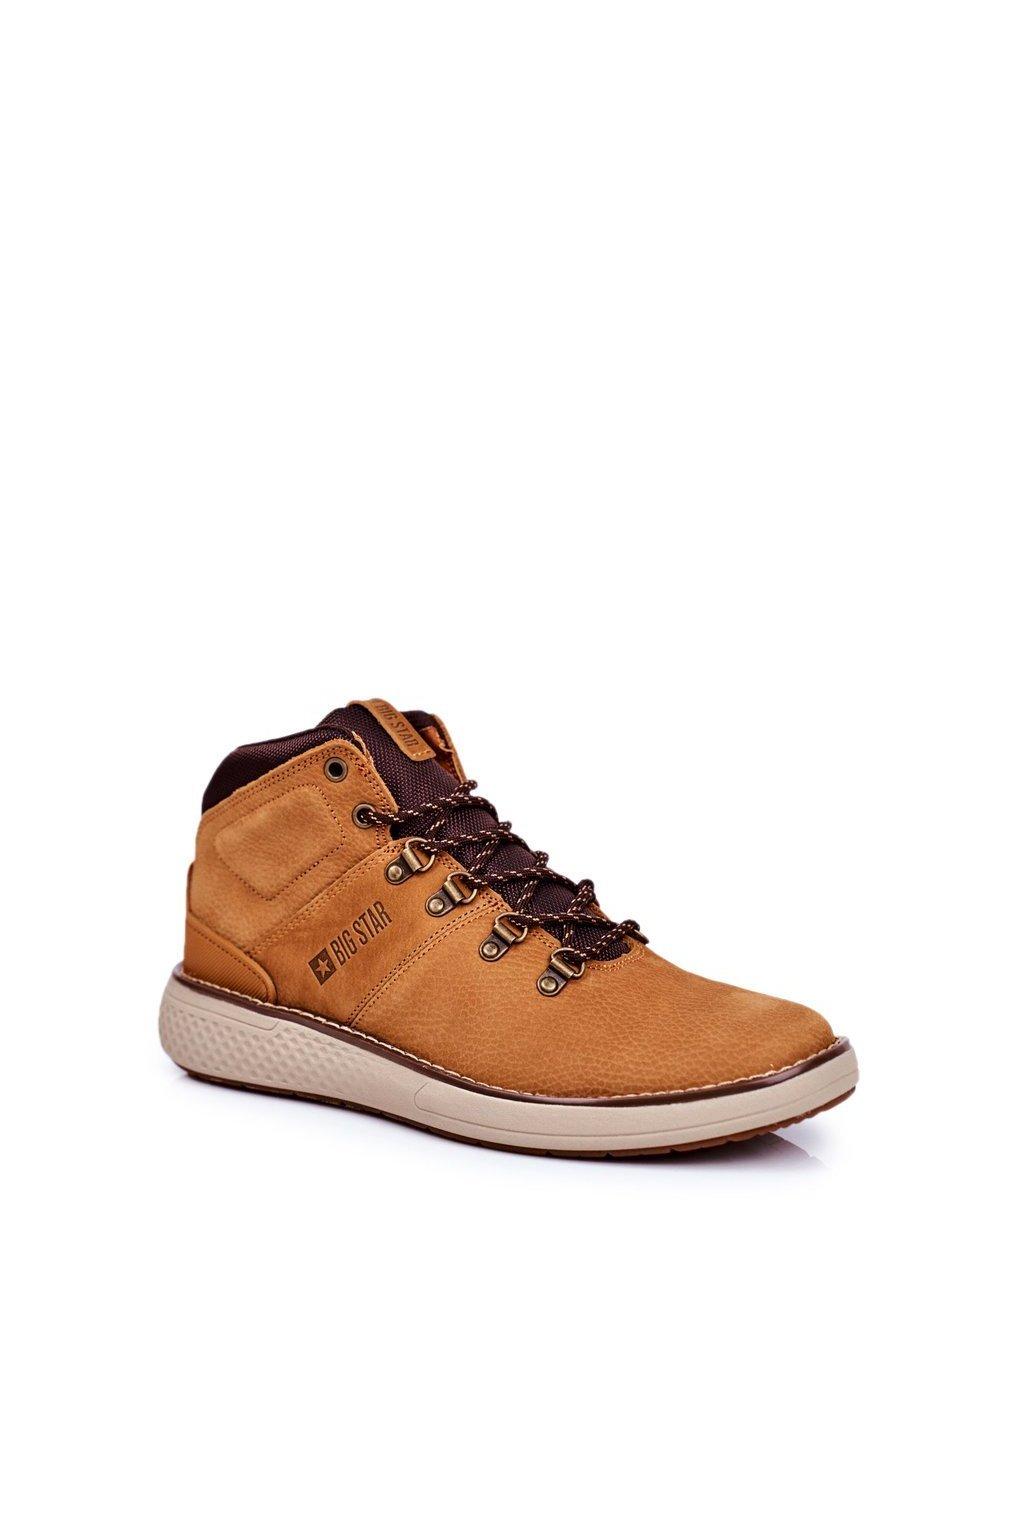 Pánske topánky na zimu farba hnedá kód obuvi GG174491 LT.BROWN